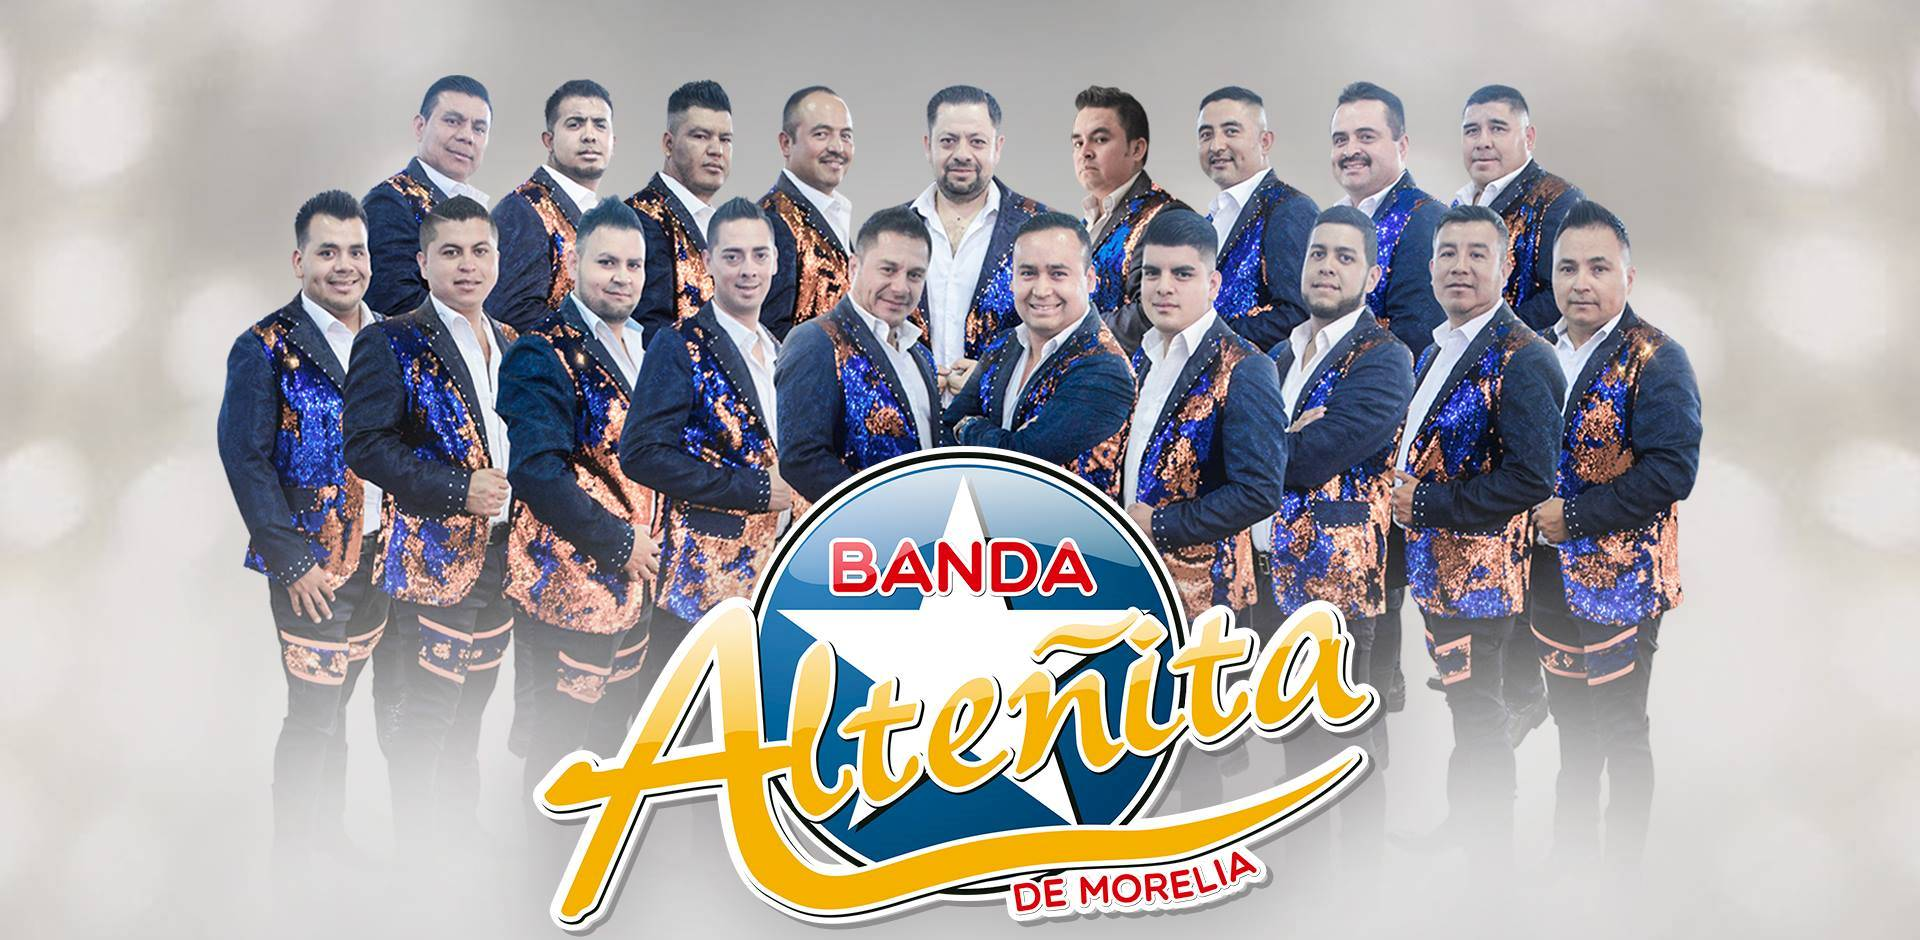 Banda Alteñita de Morelia - Contrataciones Cel 4432419132